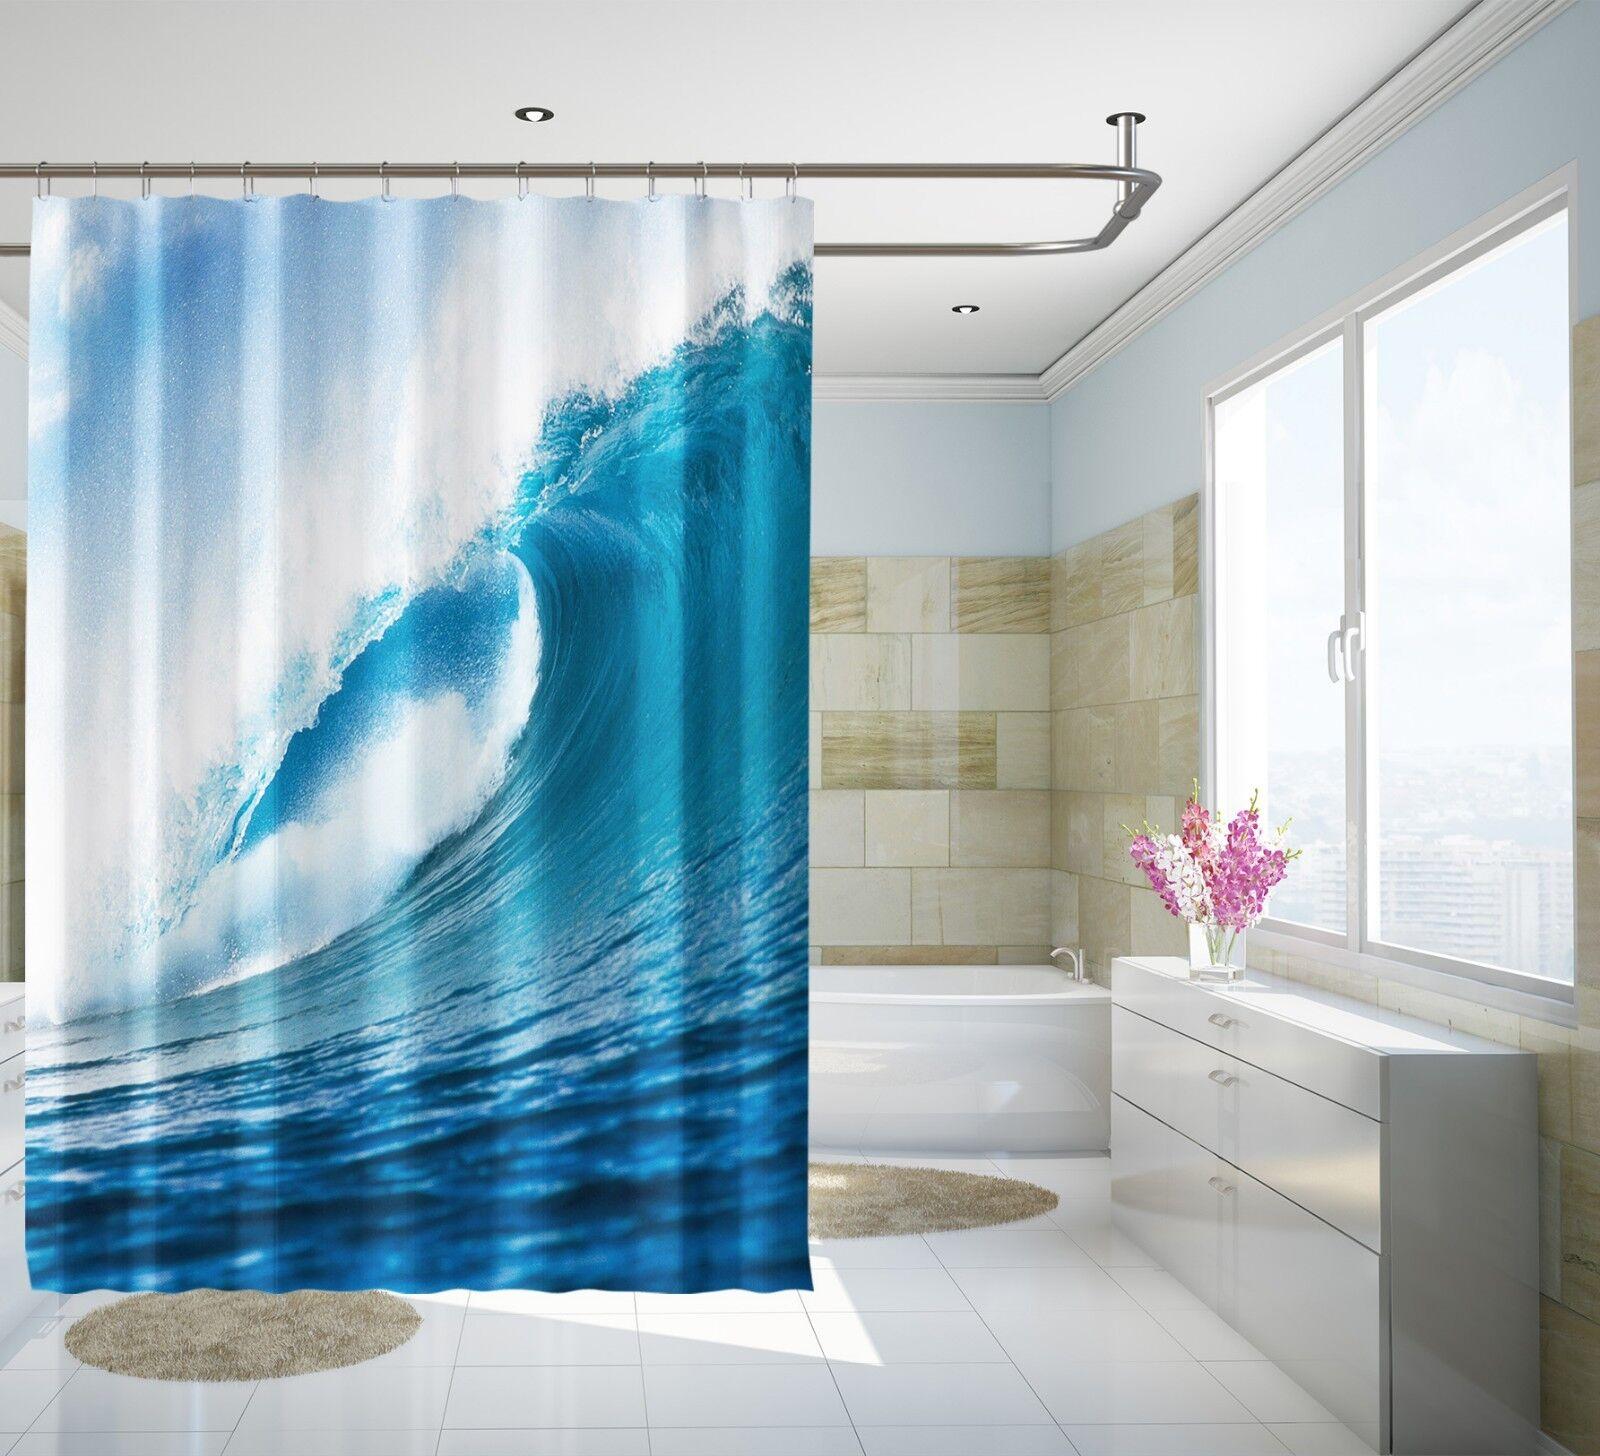 3D Vagues Bleu 56 Rideau de Douche Imperméable Fibre Salle de Bain Home Windows Toilette